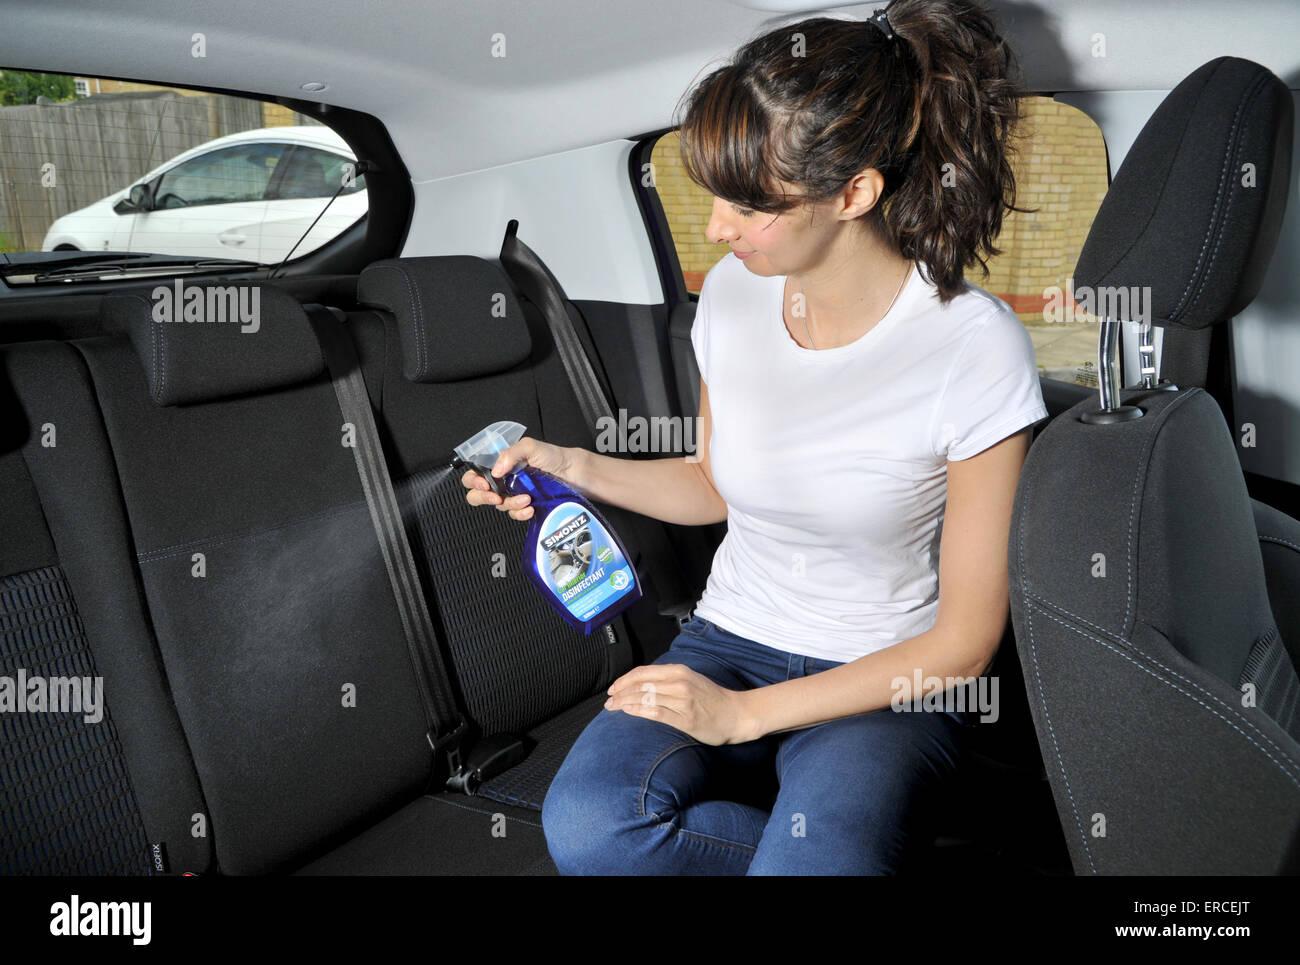 Car Seats Stock Photos Car Seats Stock Images Alamy